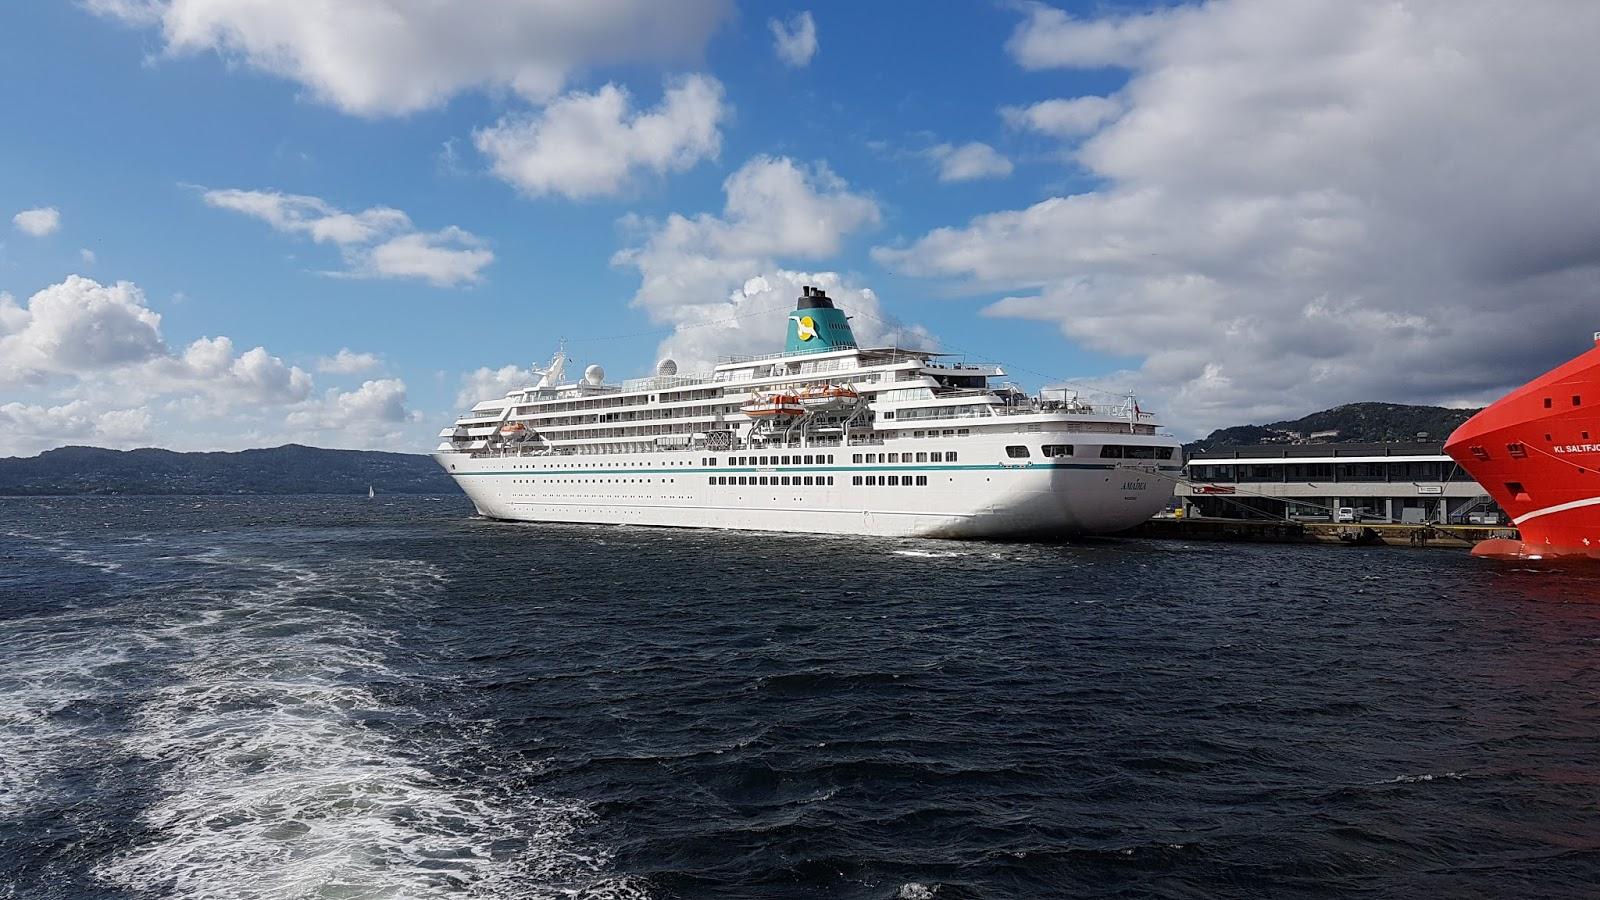 Amadea - Cruise ship amadea